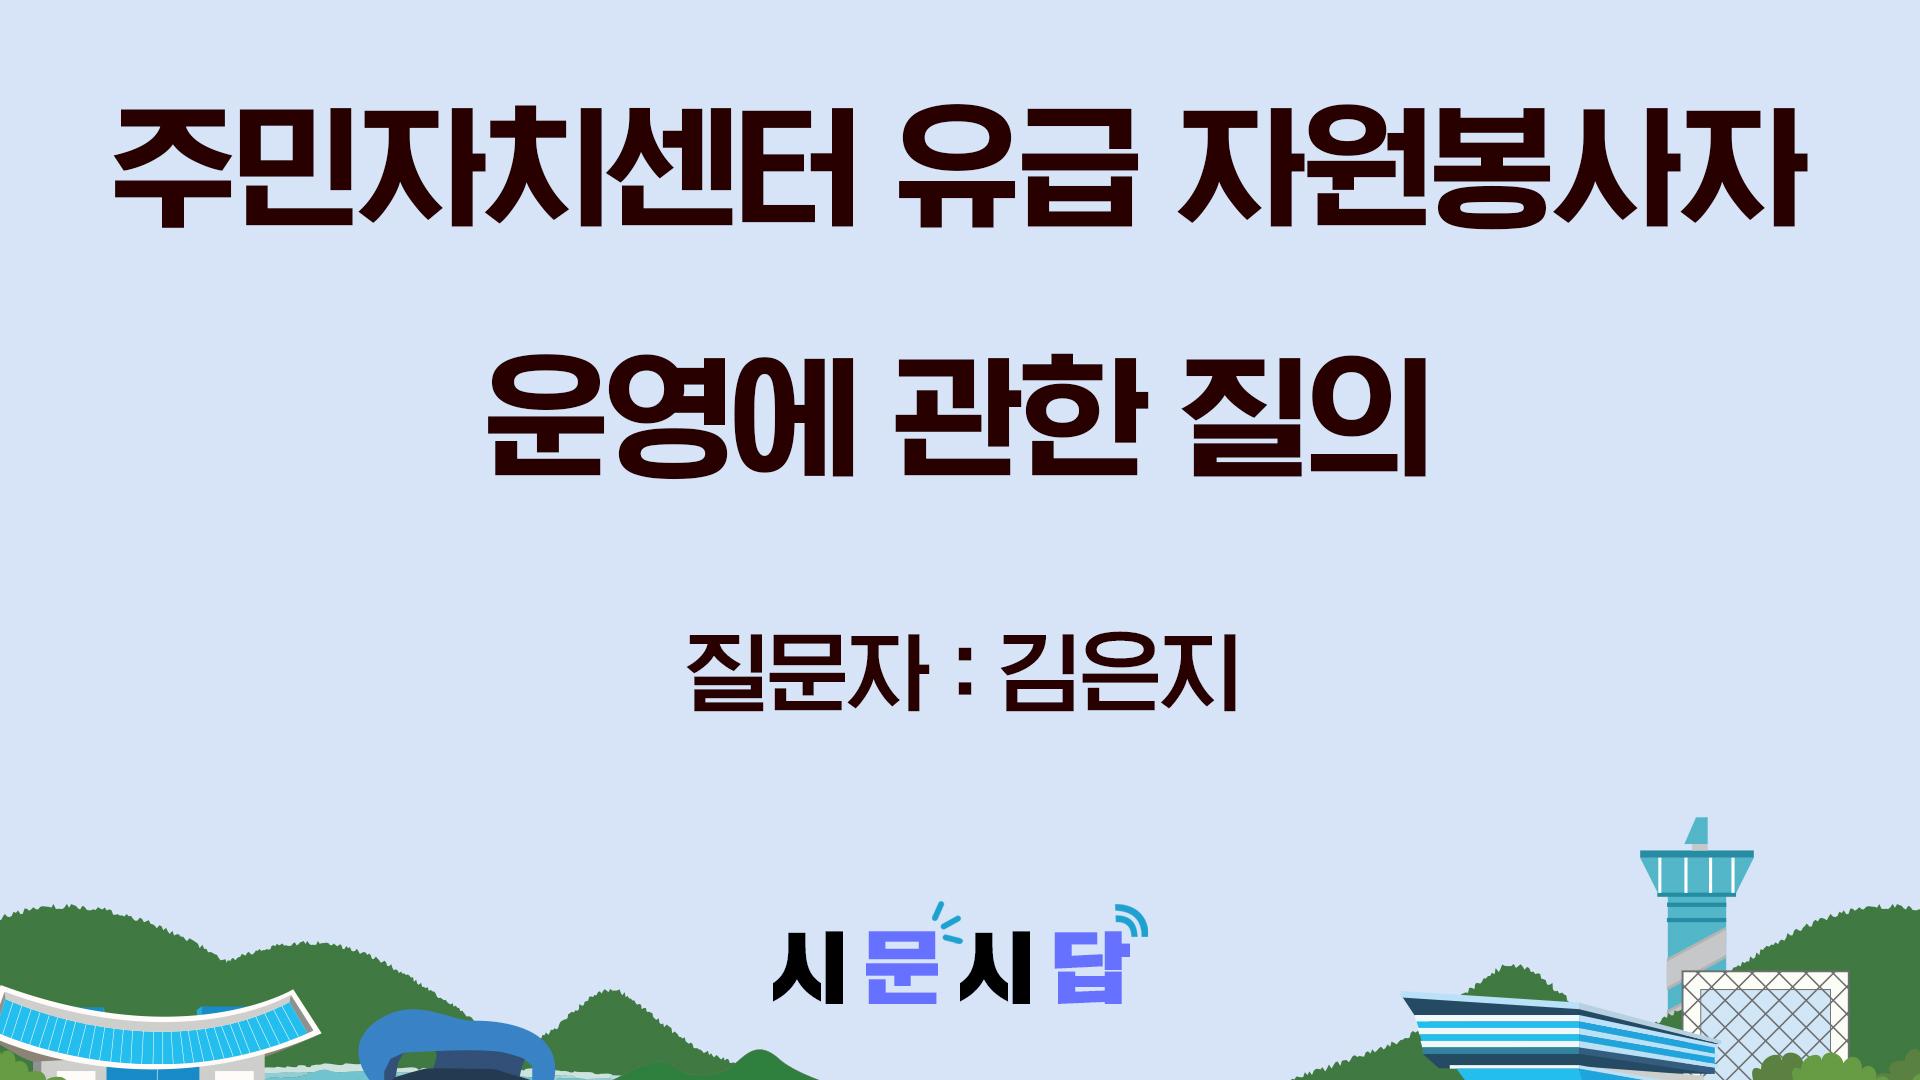 <시문시답> 주민자치센터 유급 자원봉사자 운영